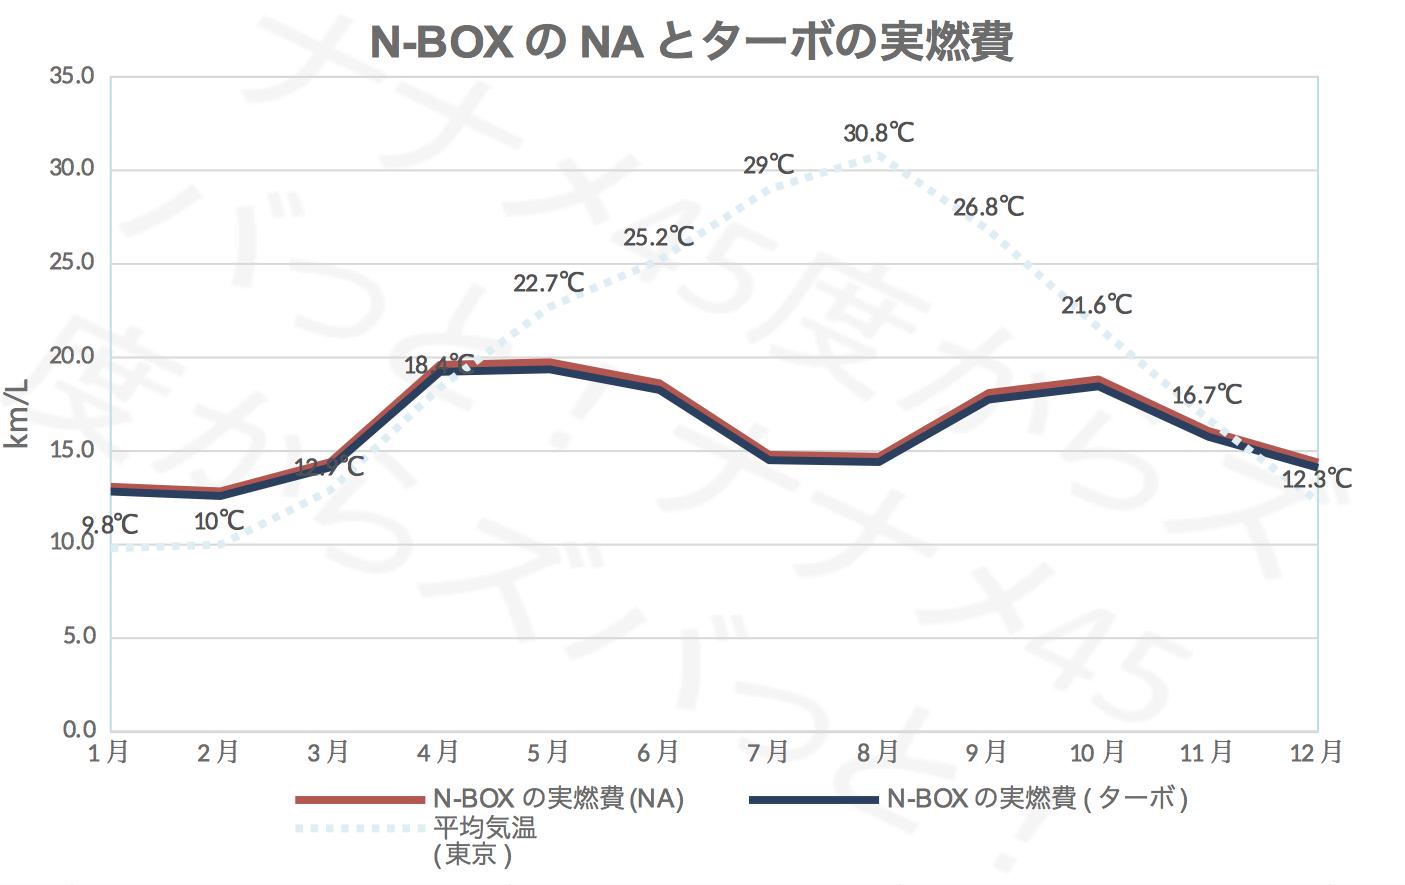 N-BOX_NA:ターボ実燃費